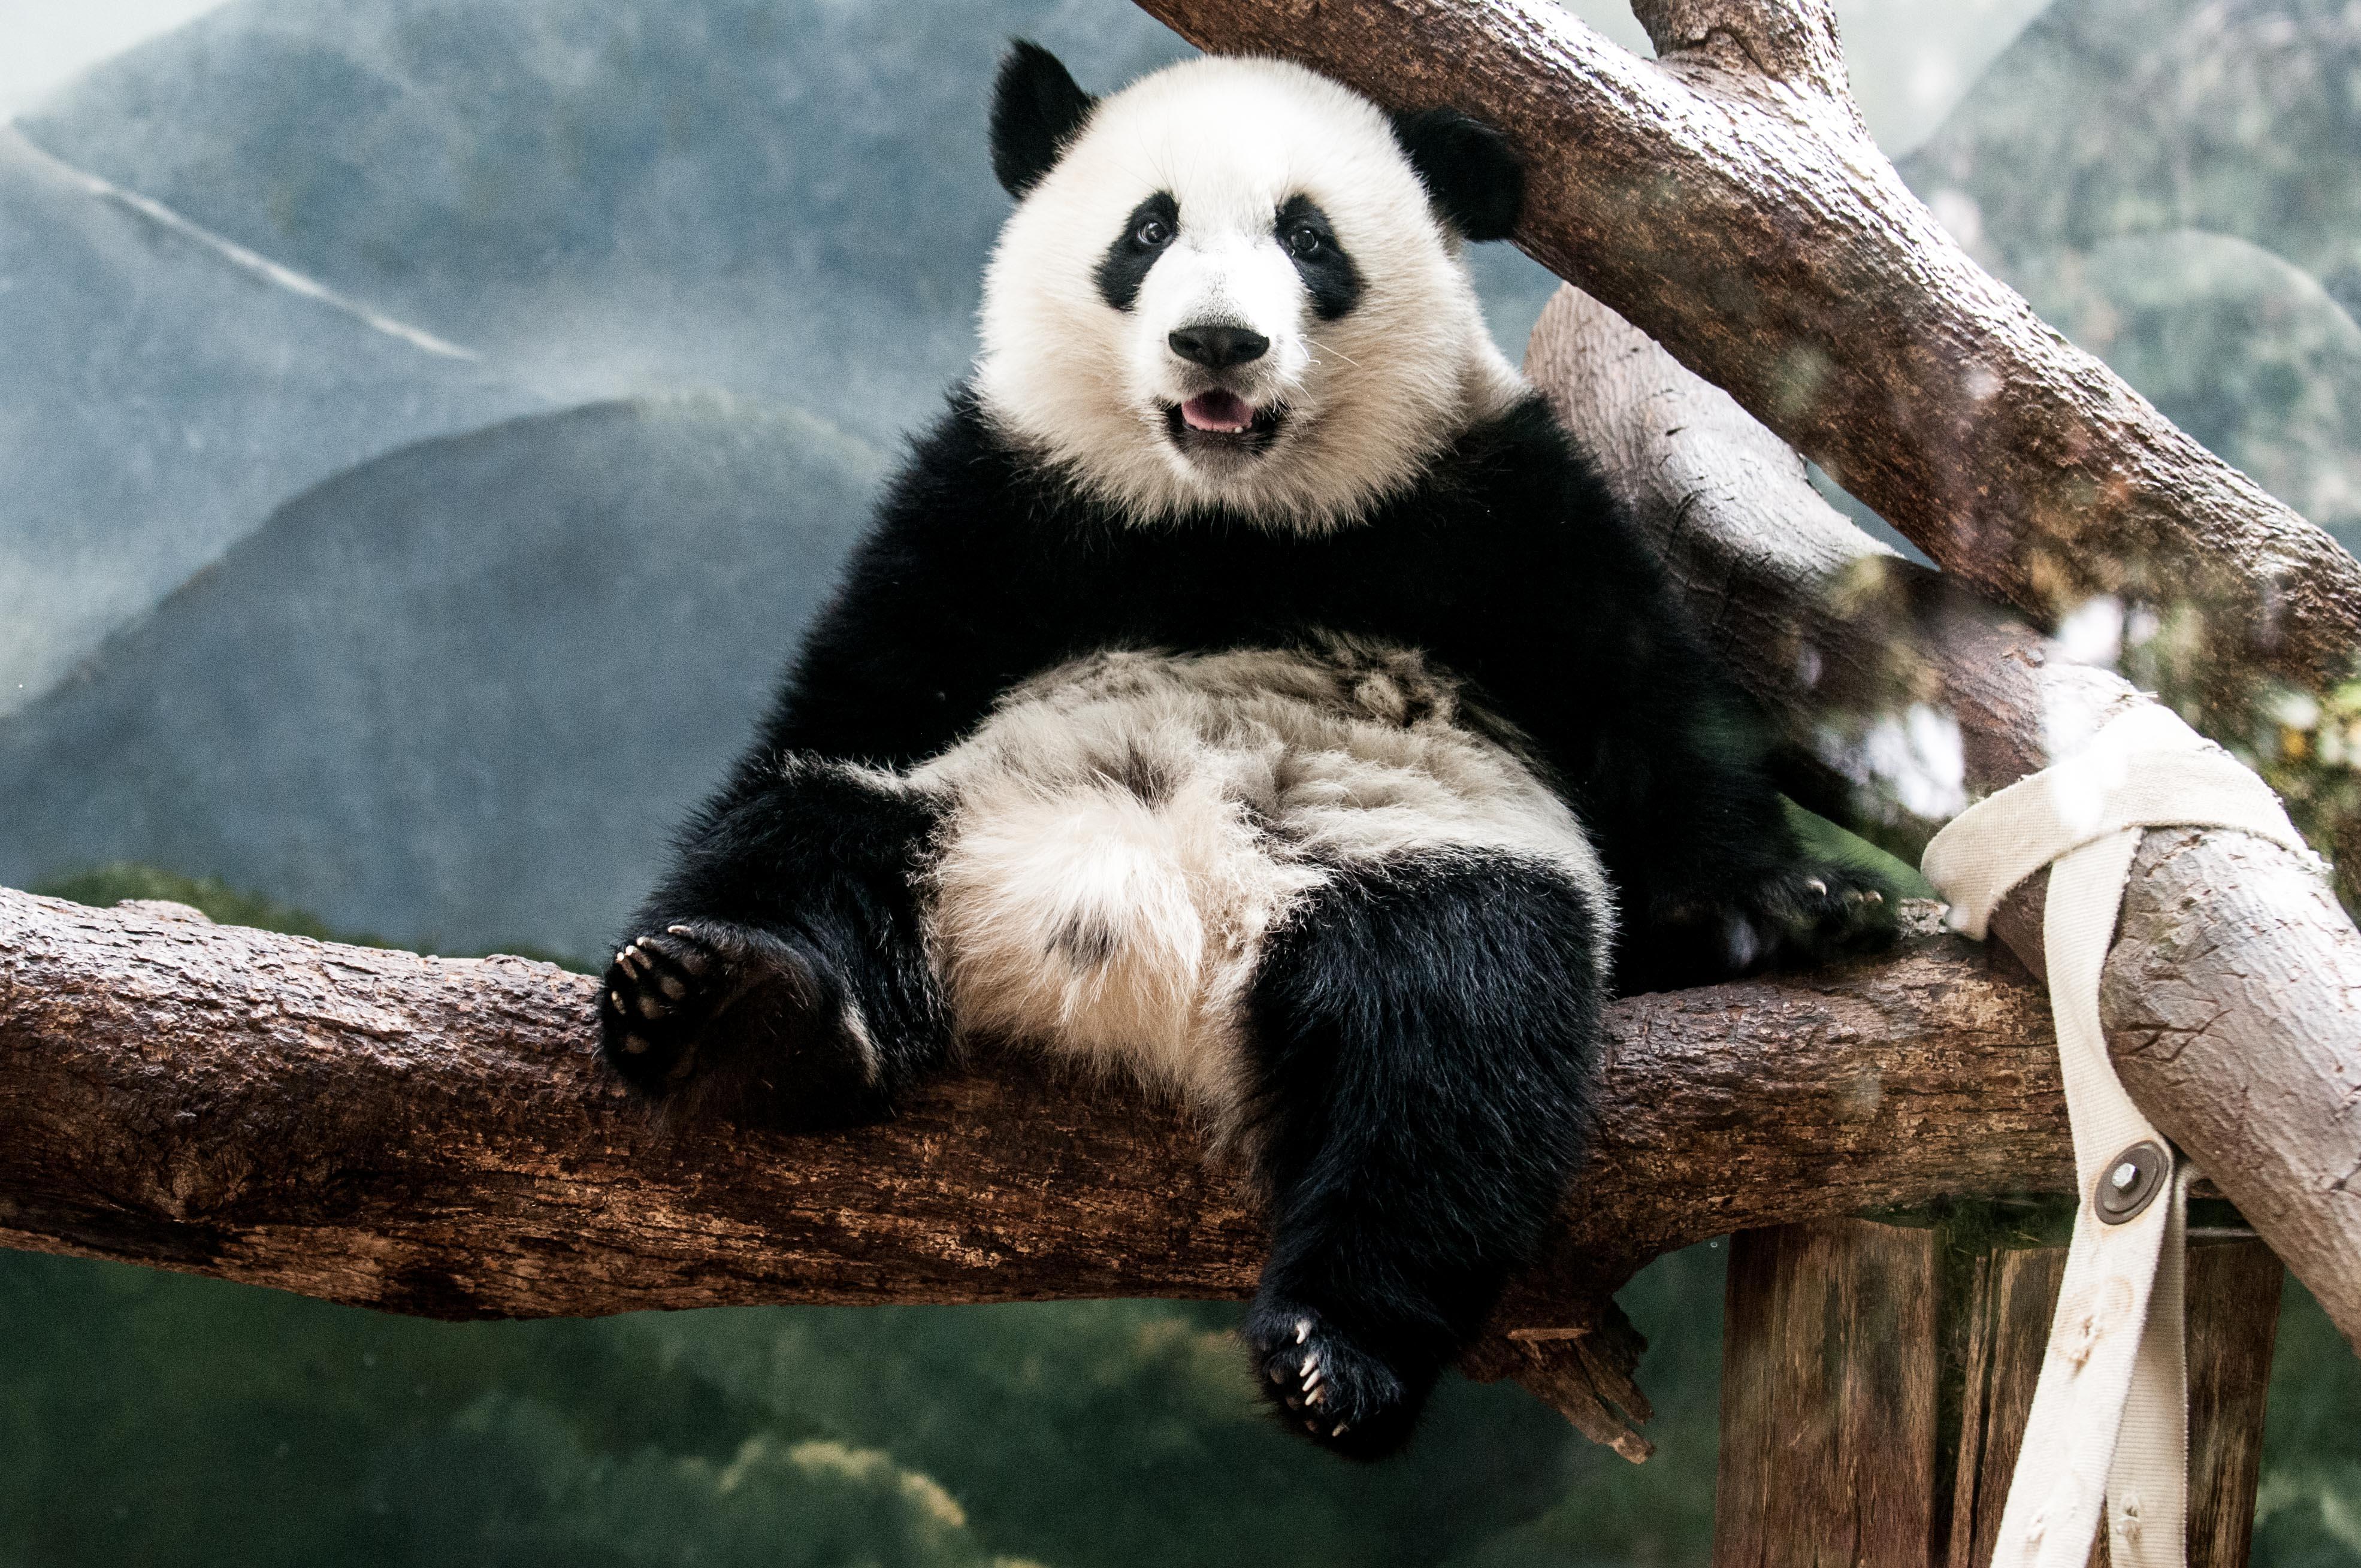 Atlanta Zoo Panda 2014